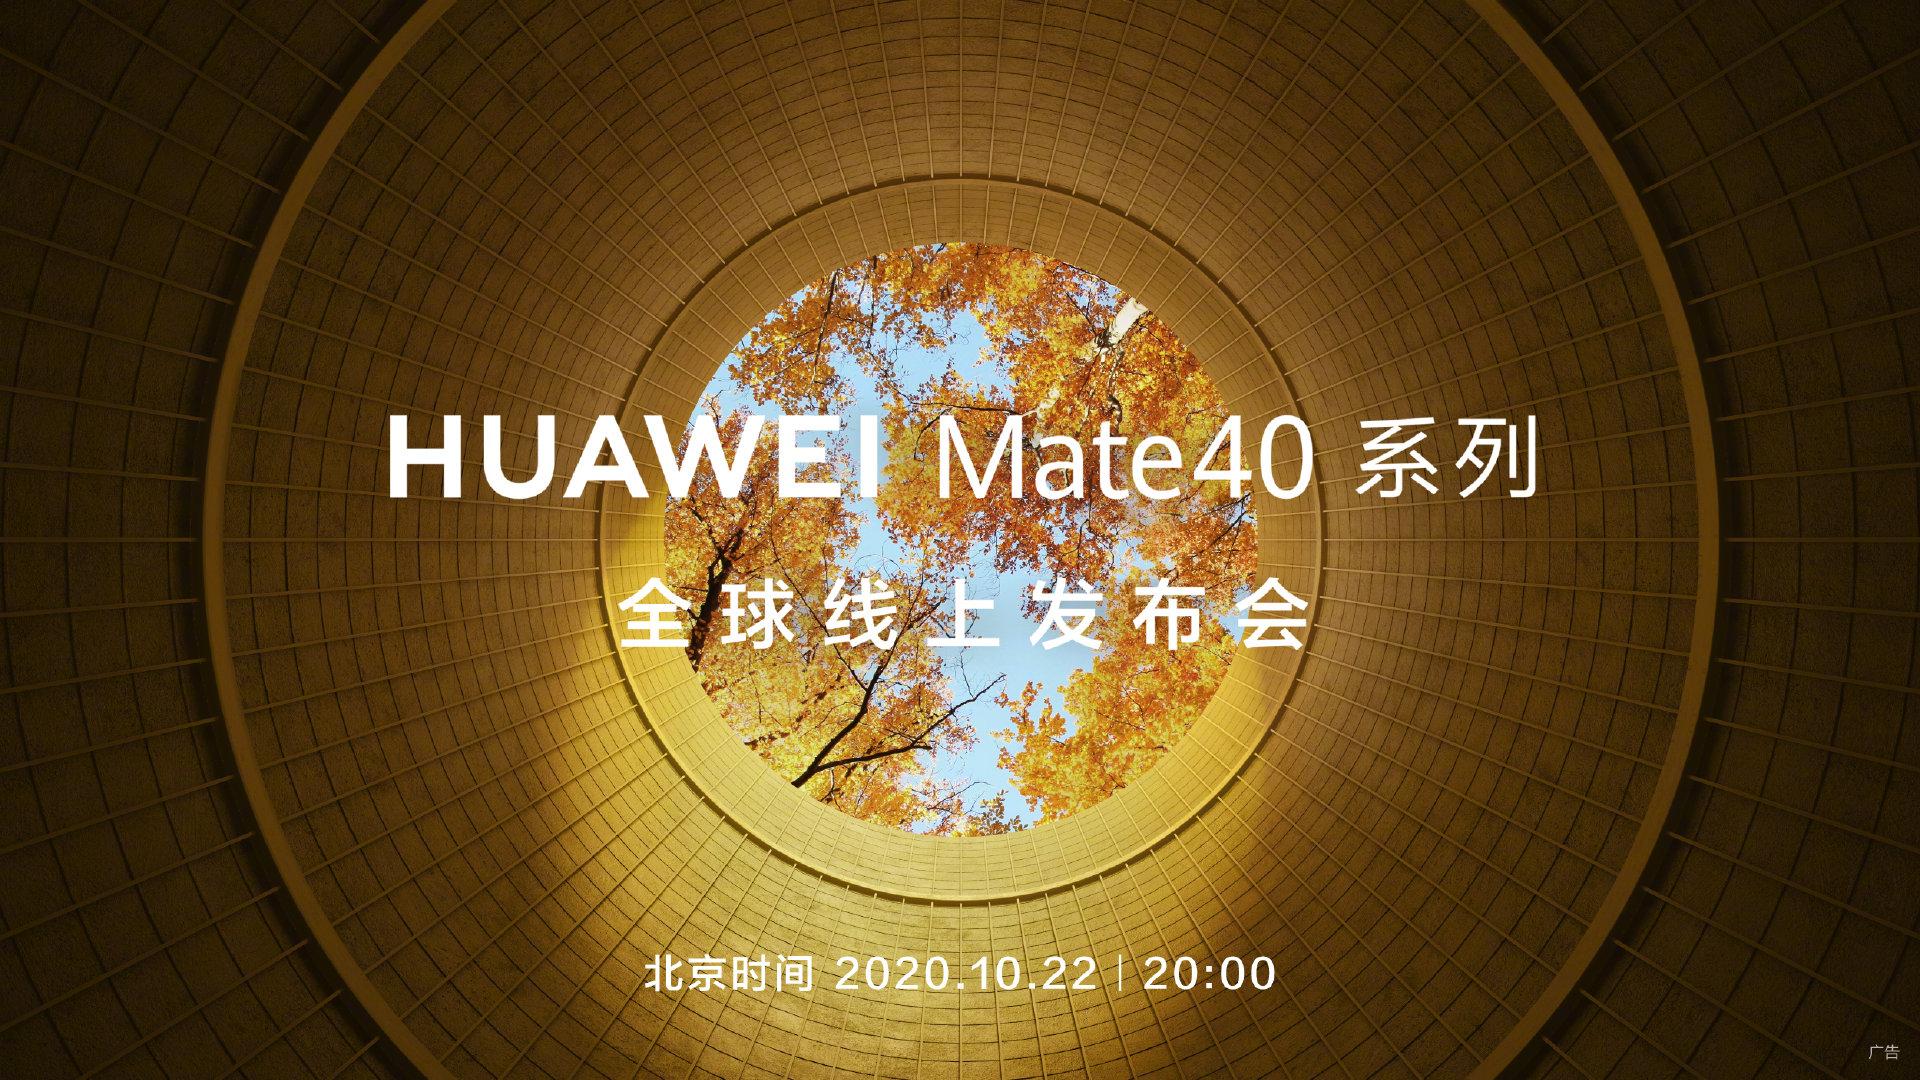 华为Mate40发布会抢先看,Mate40系列终极爆料汇总